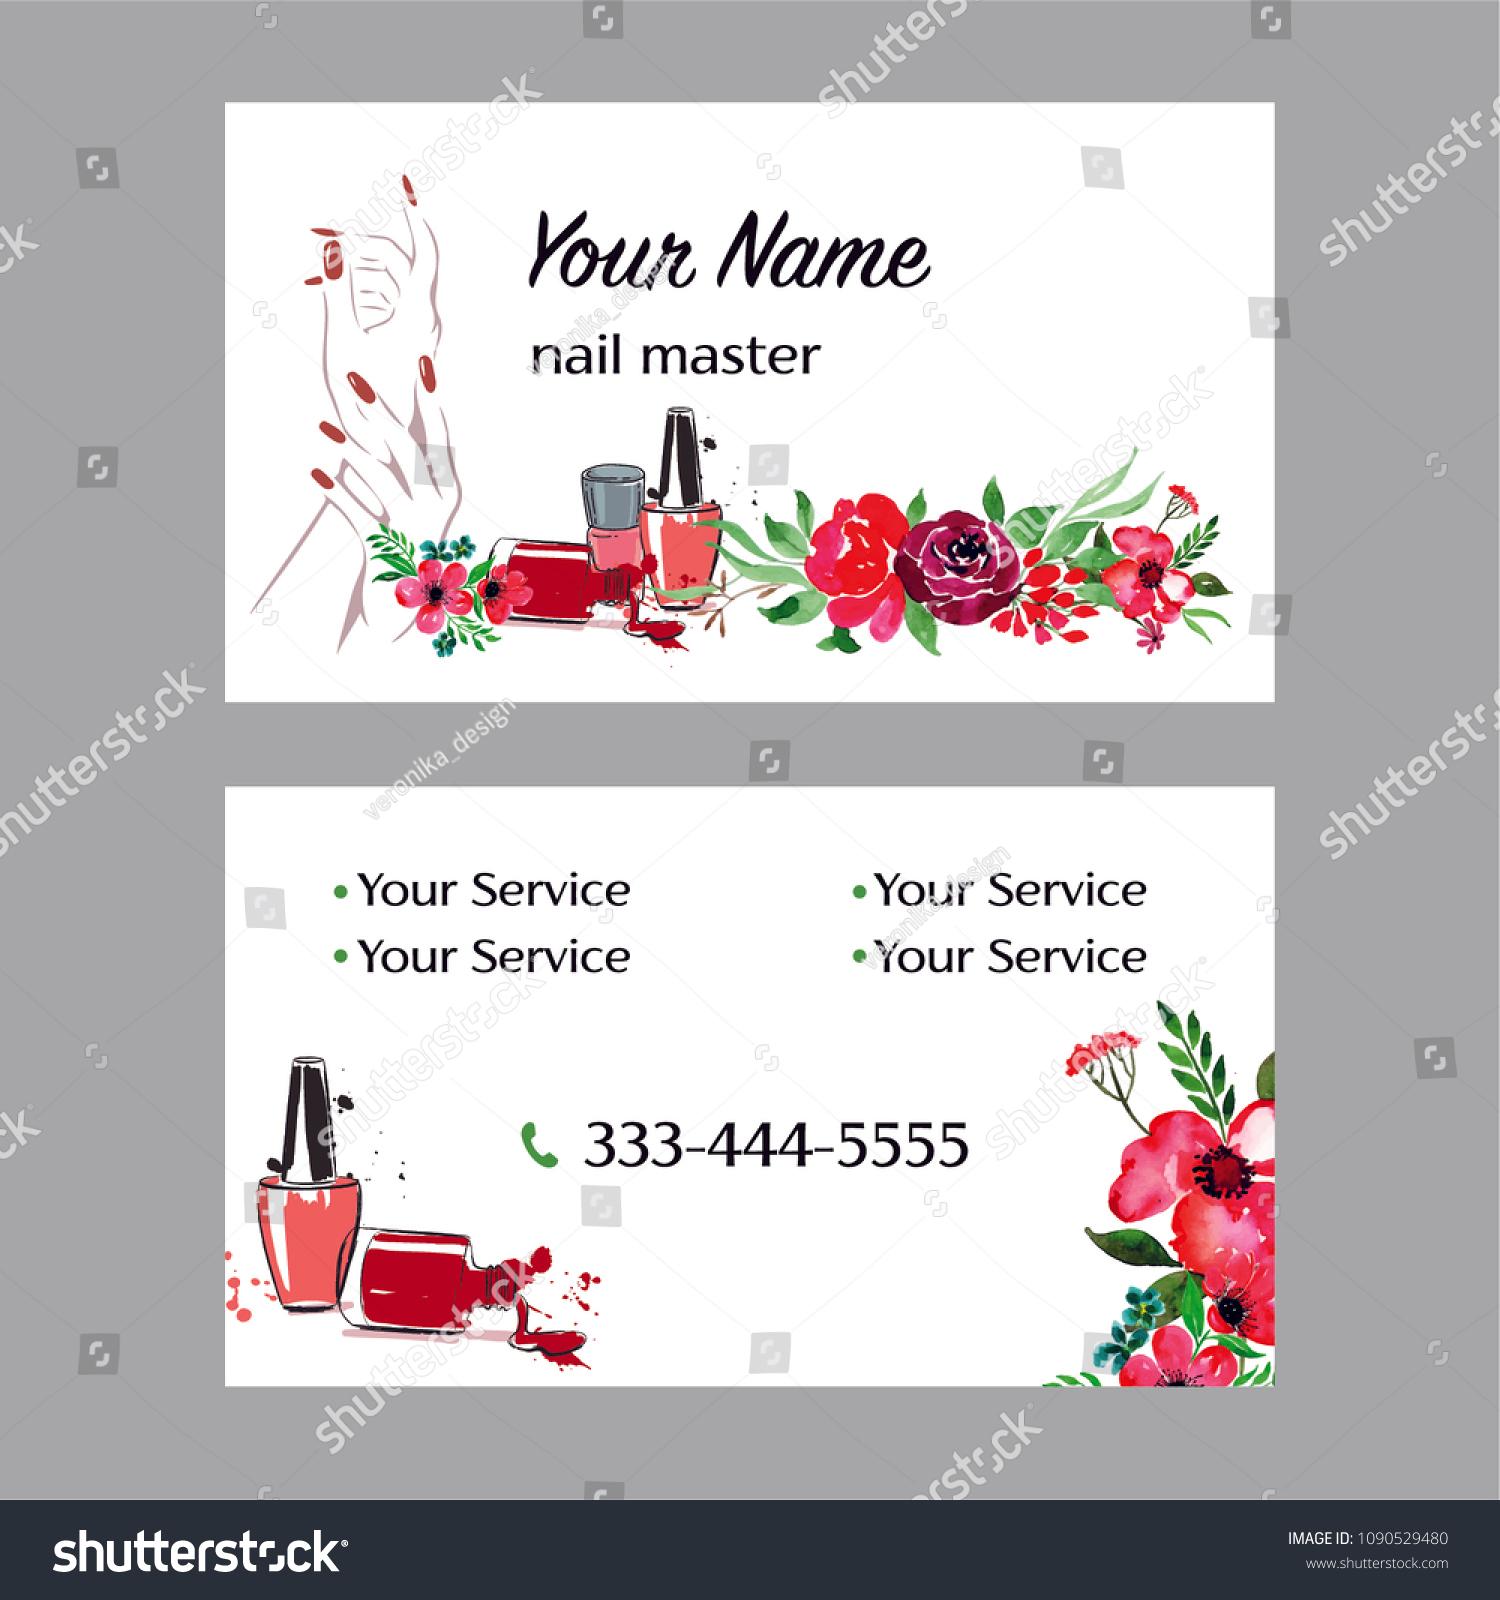 Nail Master Nail Salon Business Card Stock Vector 1090529480 ...